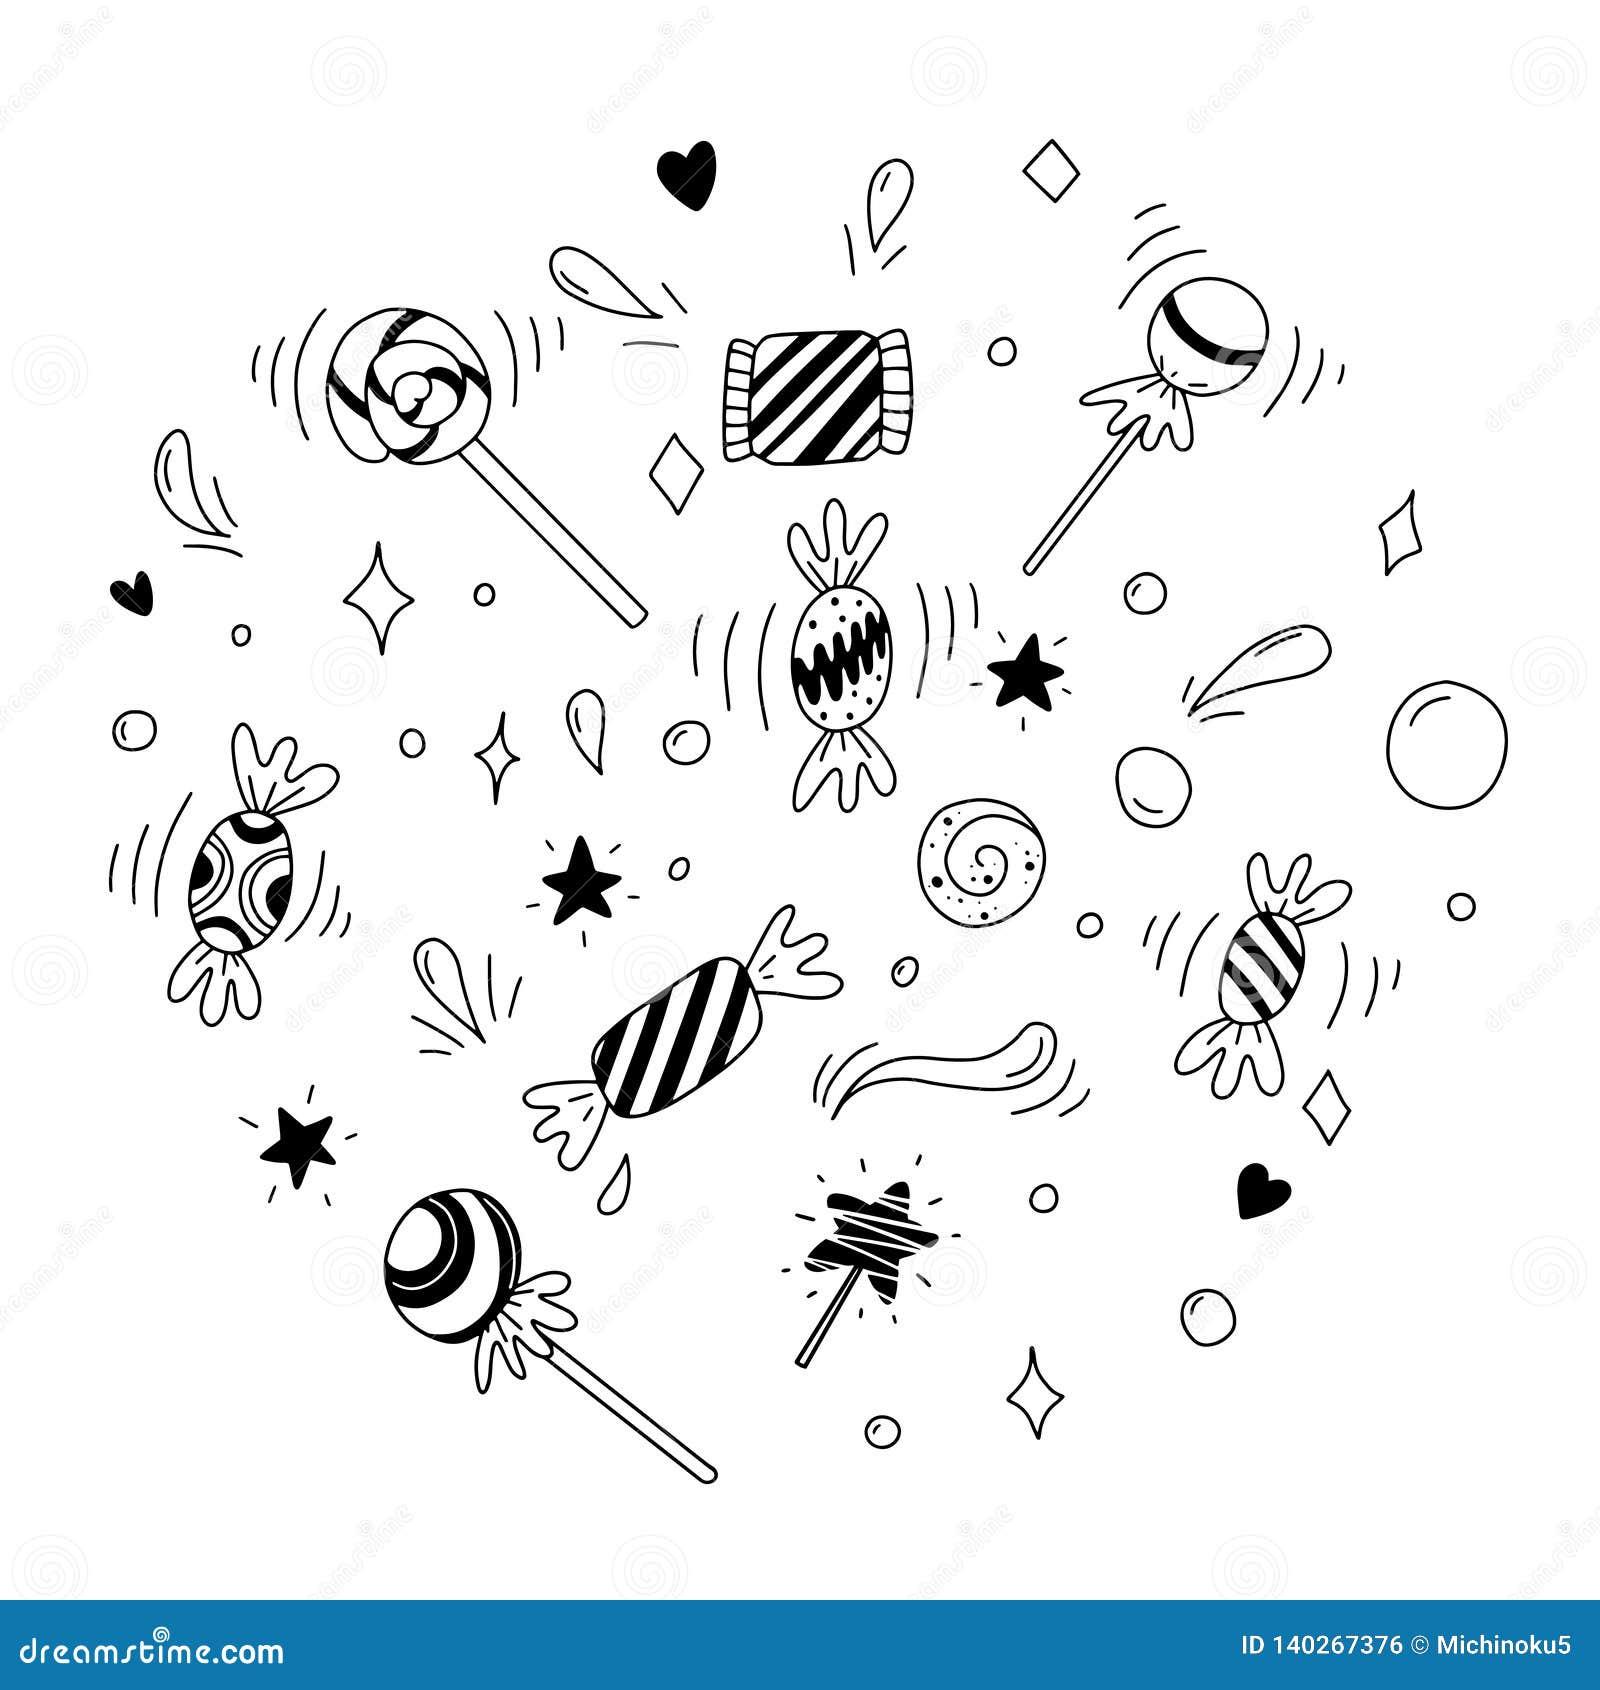 Doces E Pirulitos Ilustração Preto E Branco Para O Livro